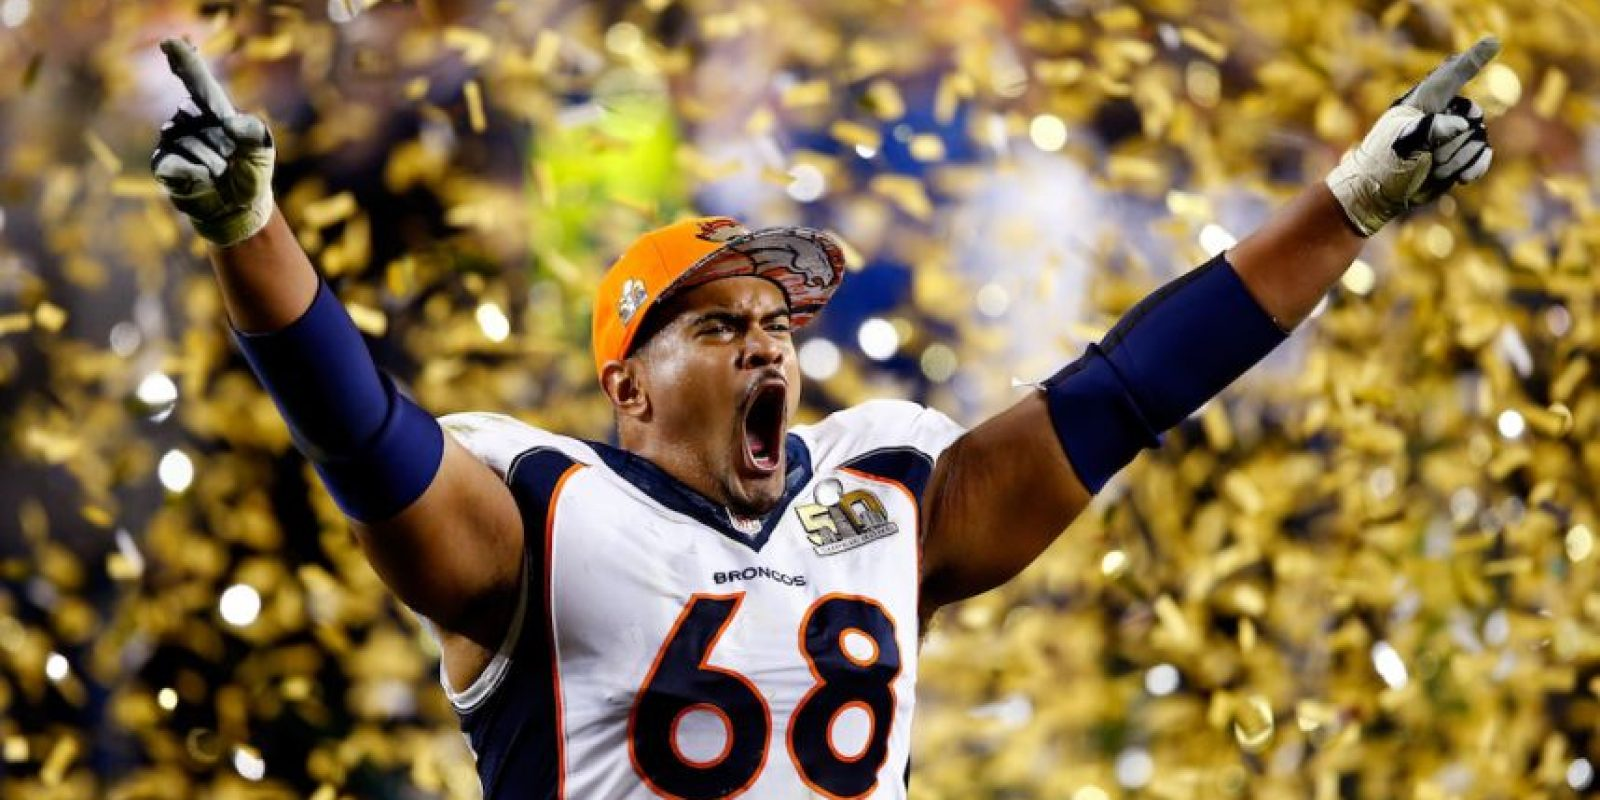 Ryan Harris celebró eufórico la victoria. Foto:Getty Images